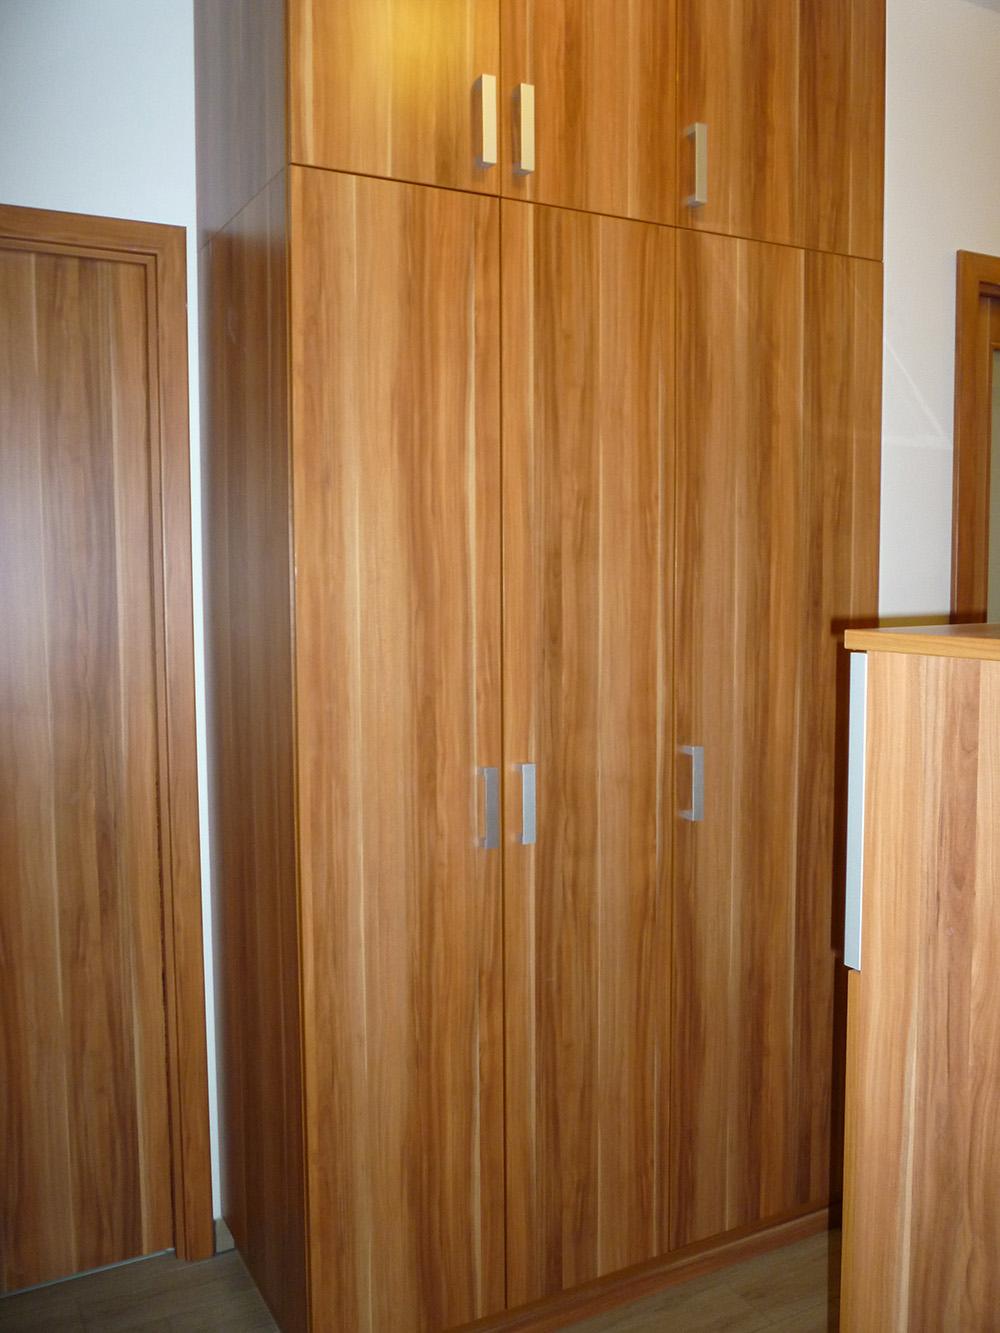 Egyedi gardróbszekrény nyíló ajtókkal családi ház közlekedőfolyosóján elhelyezett Gardróbszekrény nyíló ajtóval